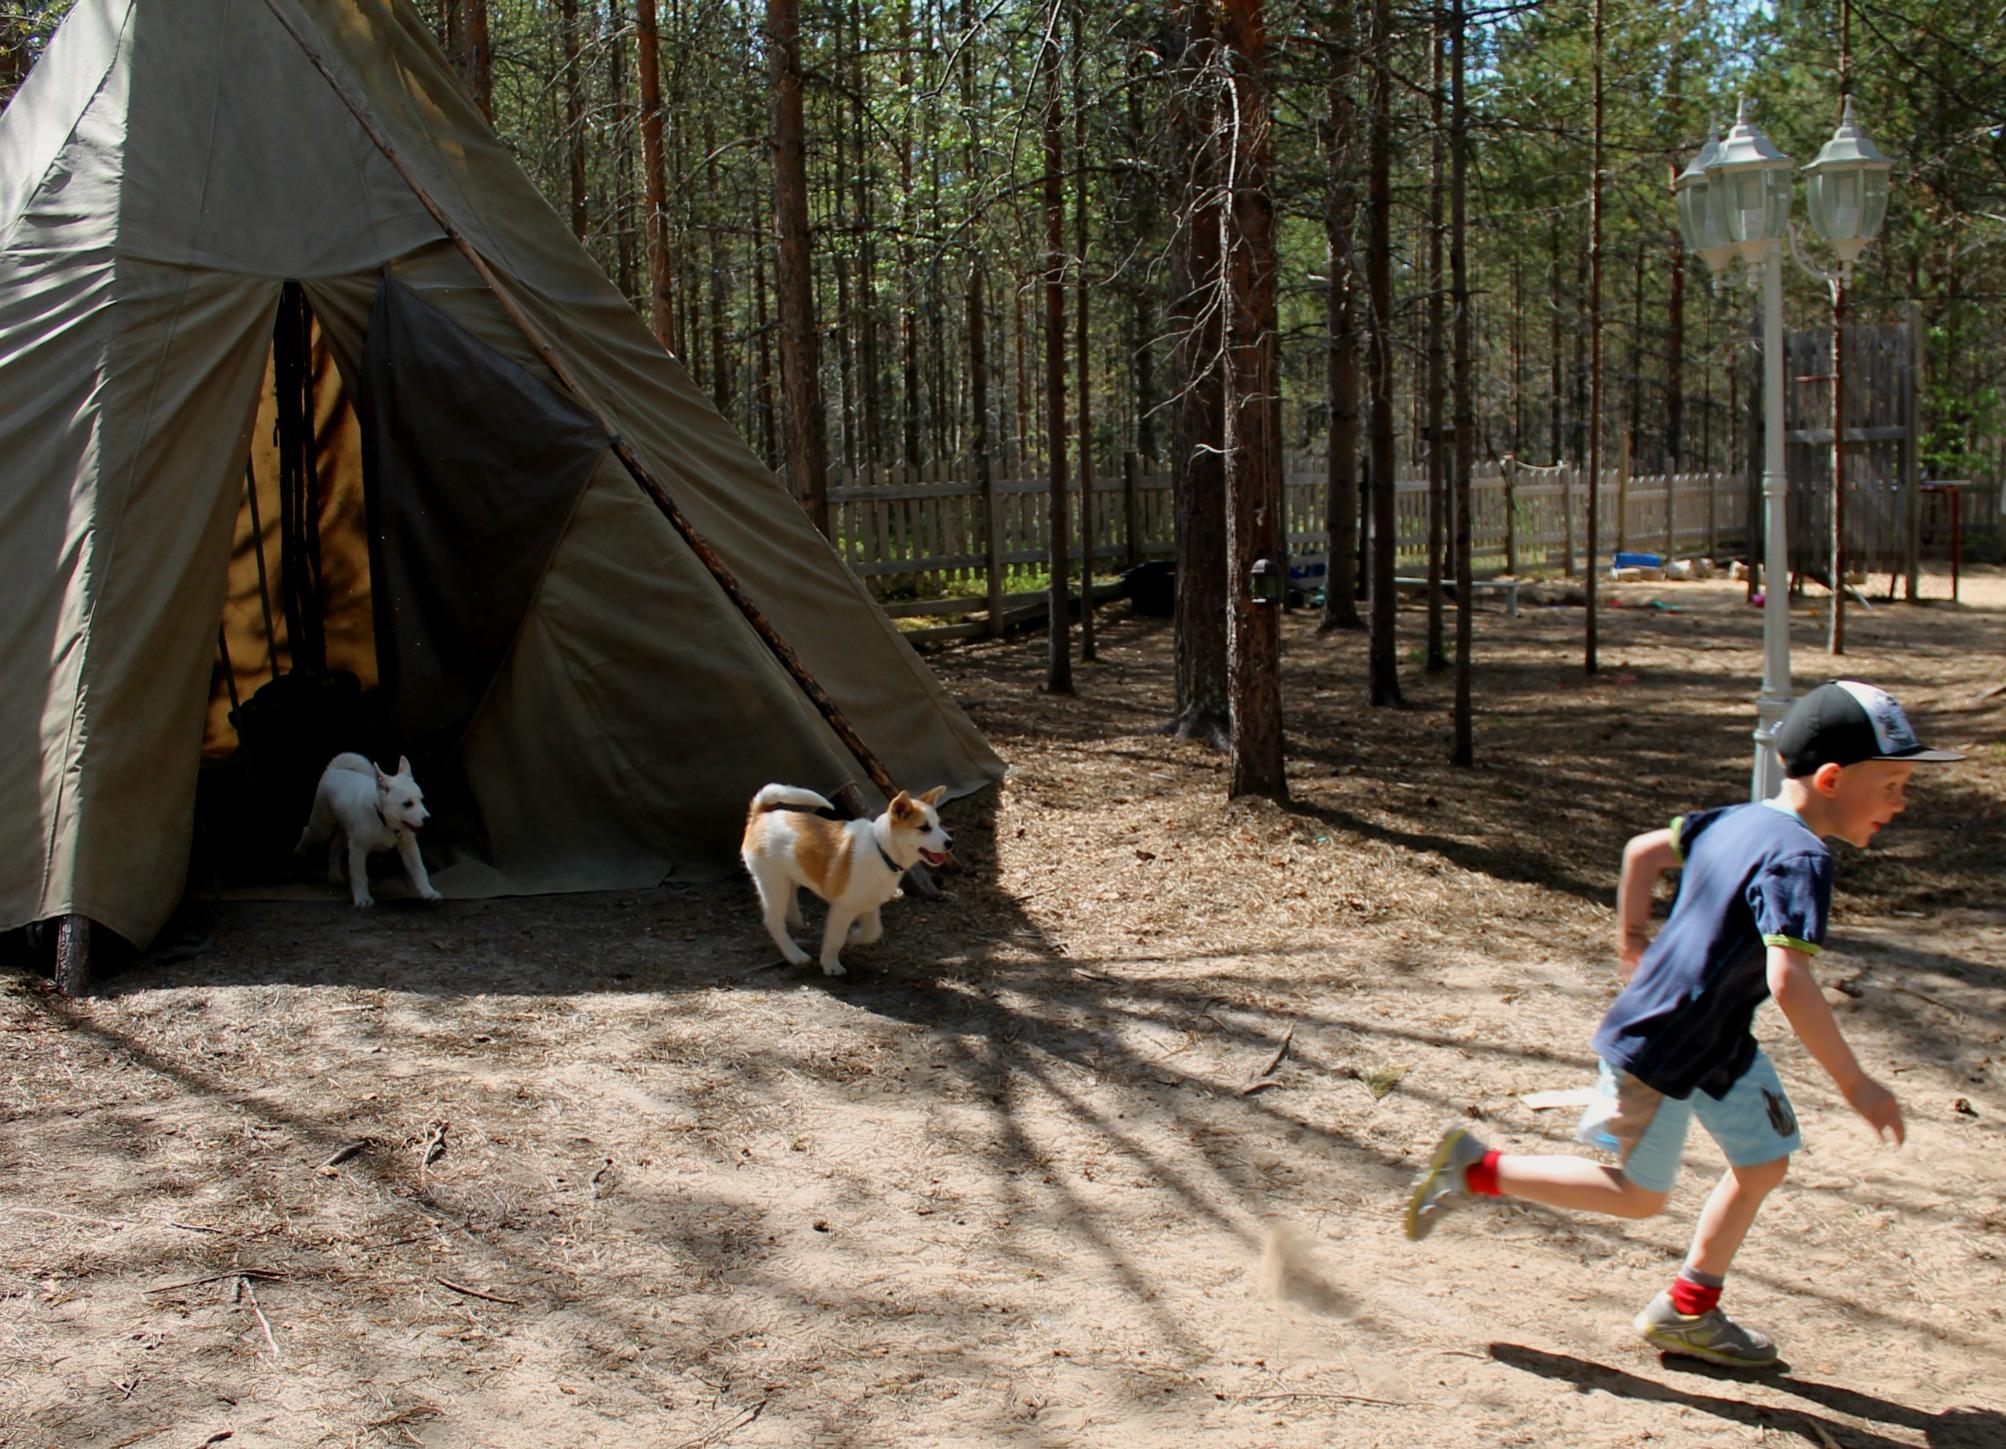 koirat, kuva Kaisu Pöysö